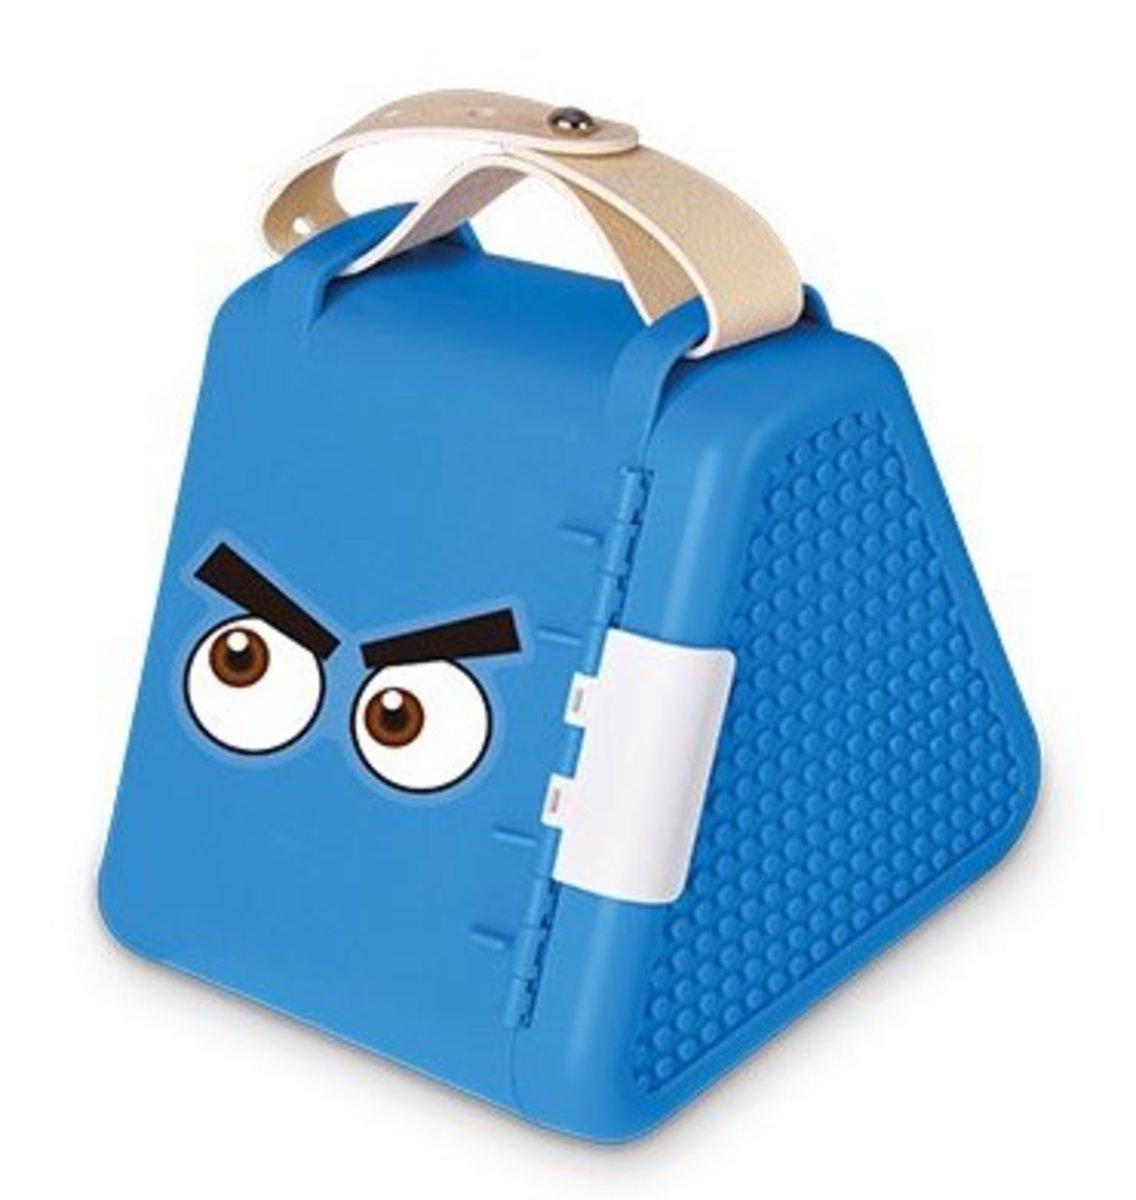 積木收納盒+300DIY小顆粒積木(15*17*16.5cm)藍色